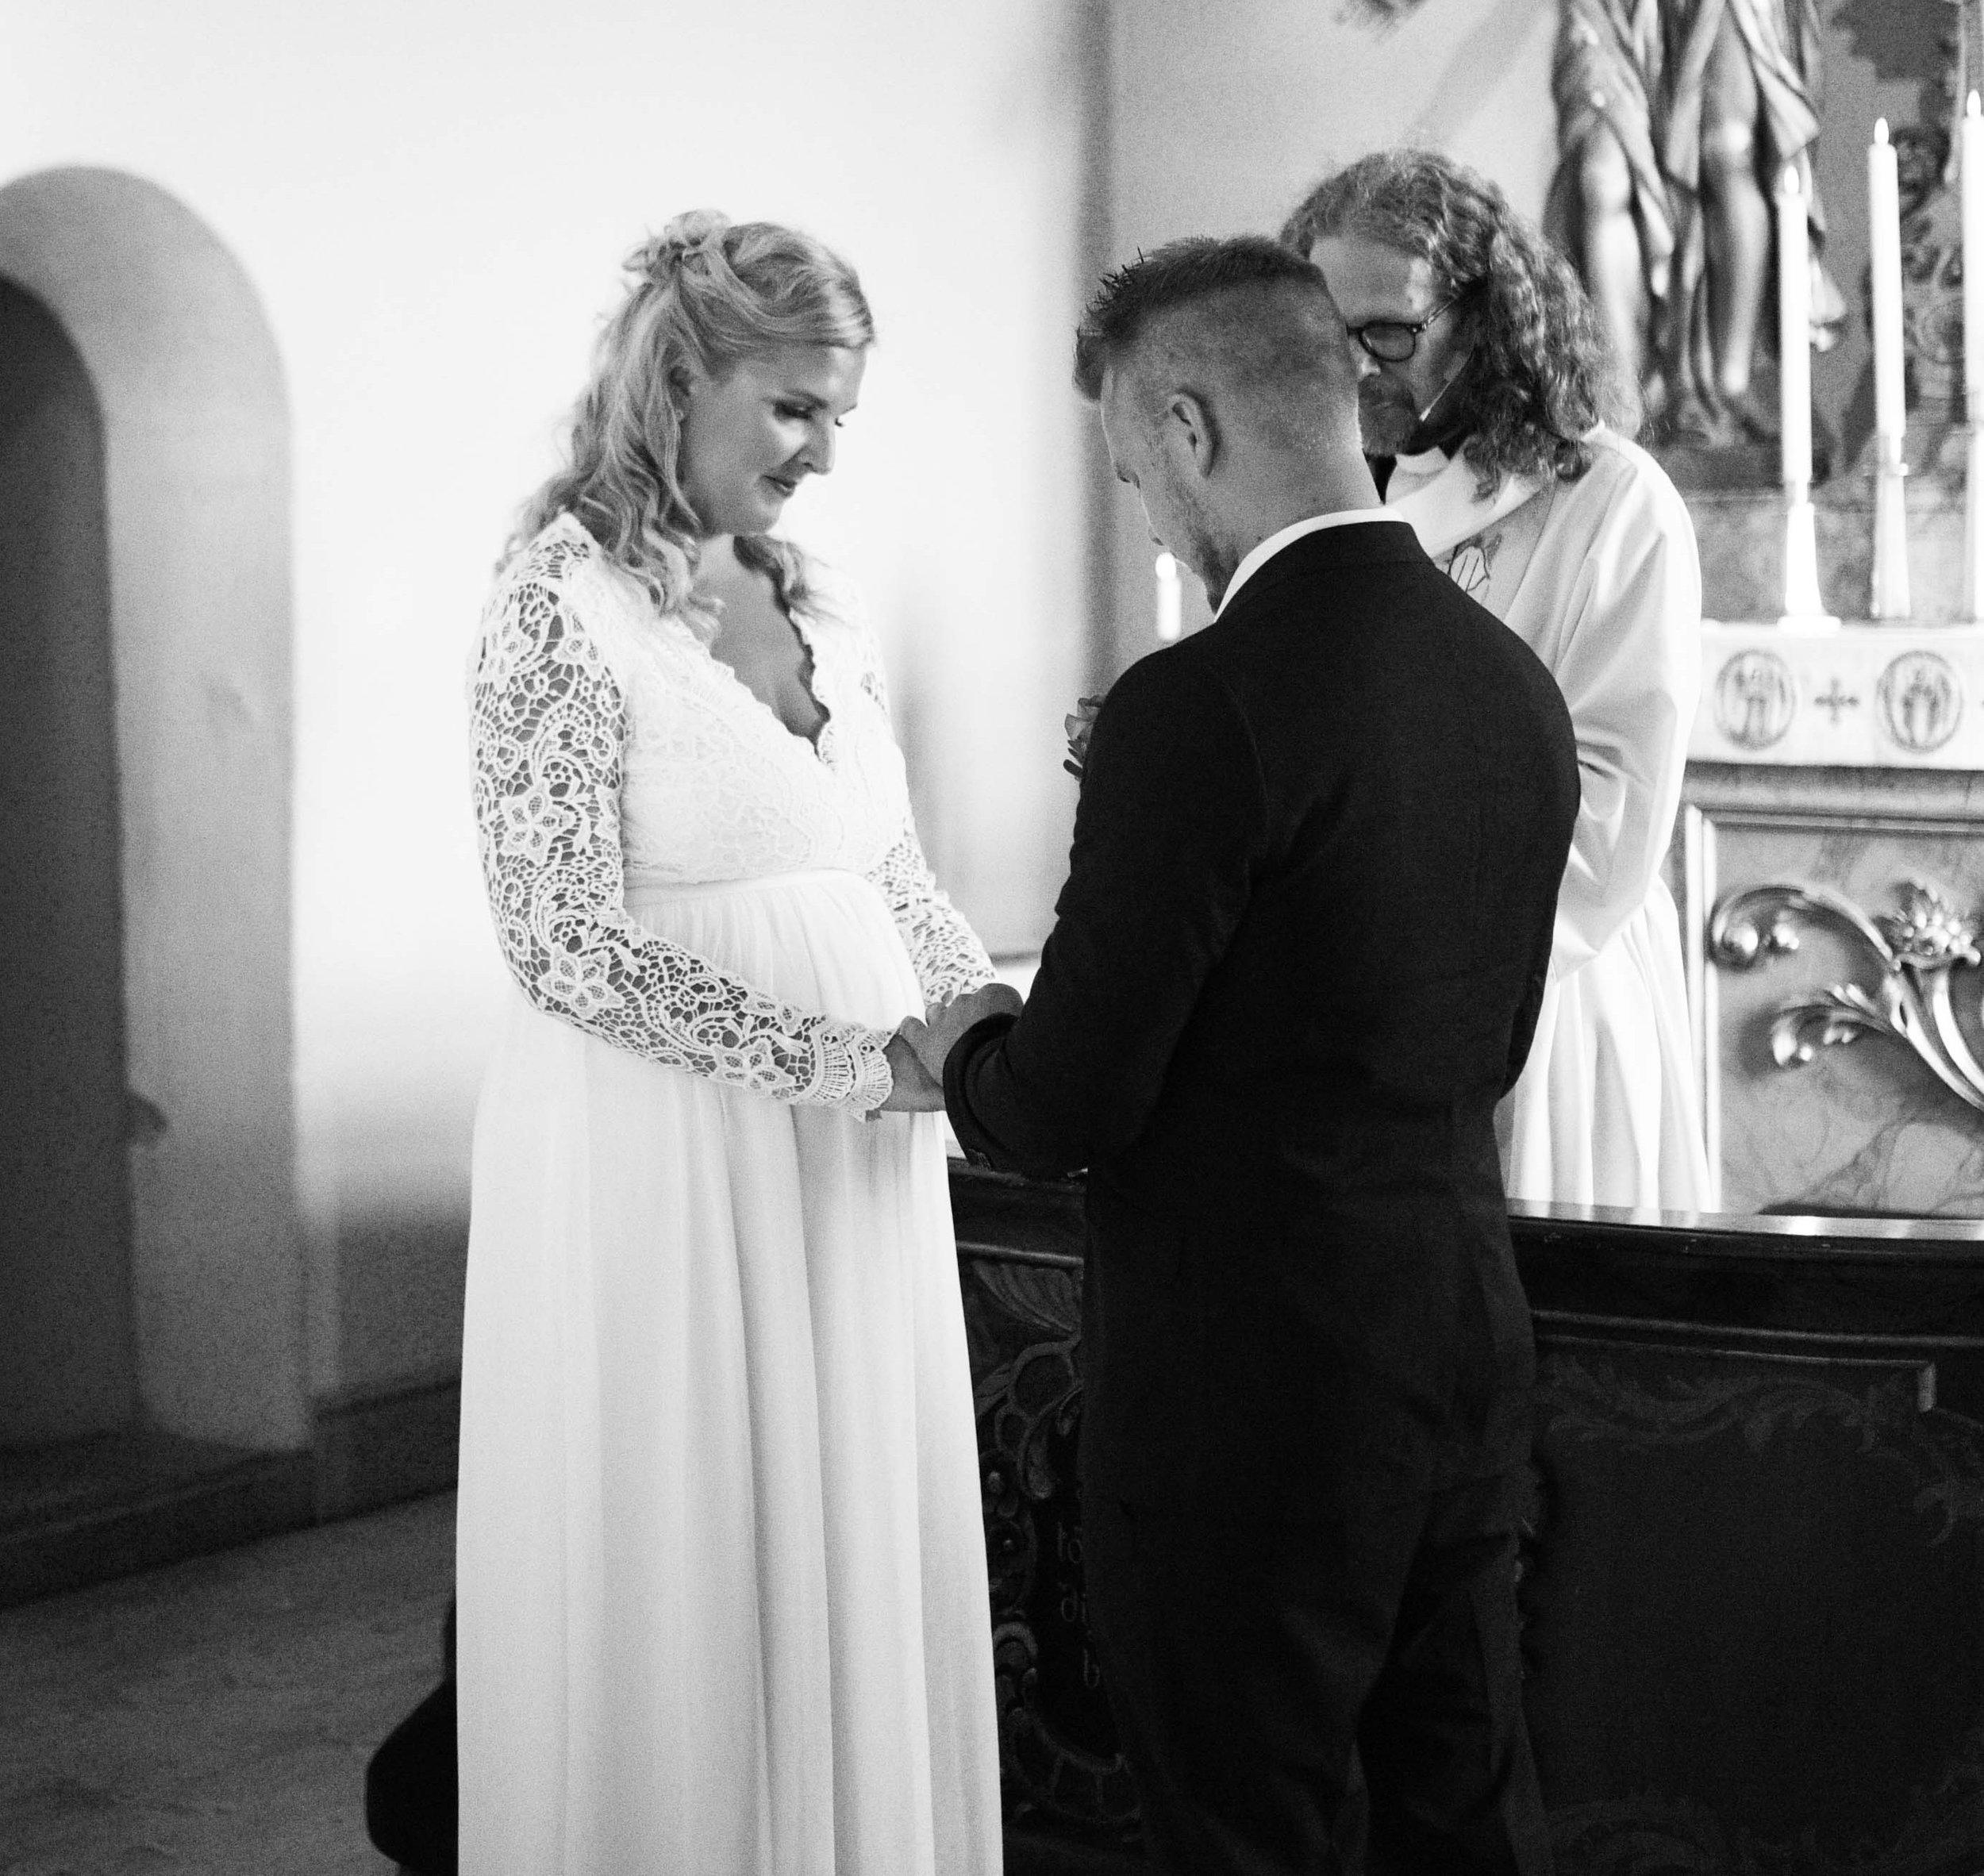 Bröllop2019lågkvall-5491.jpg